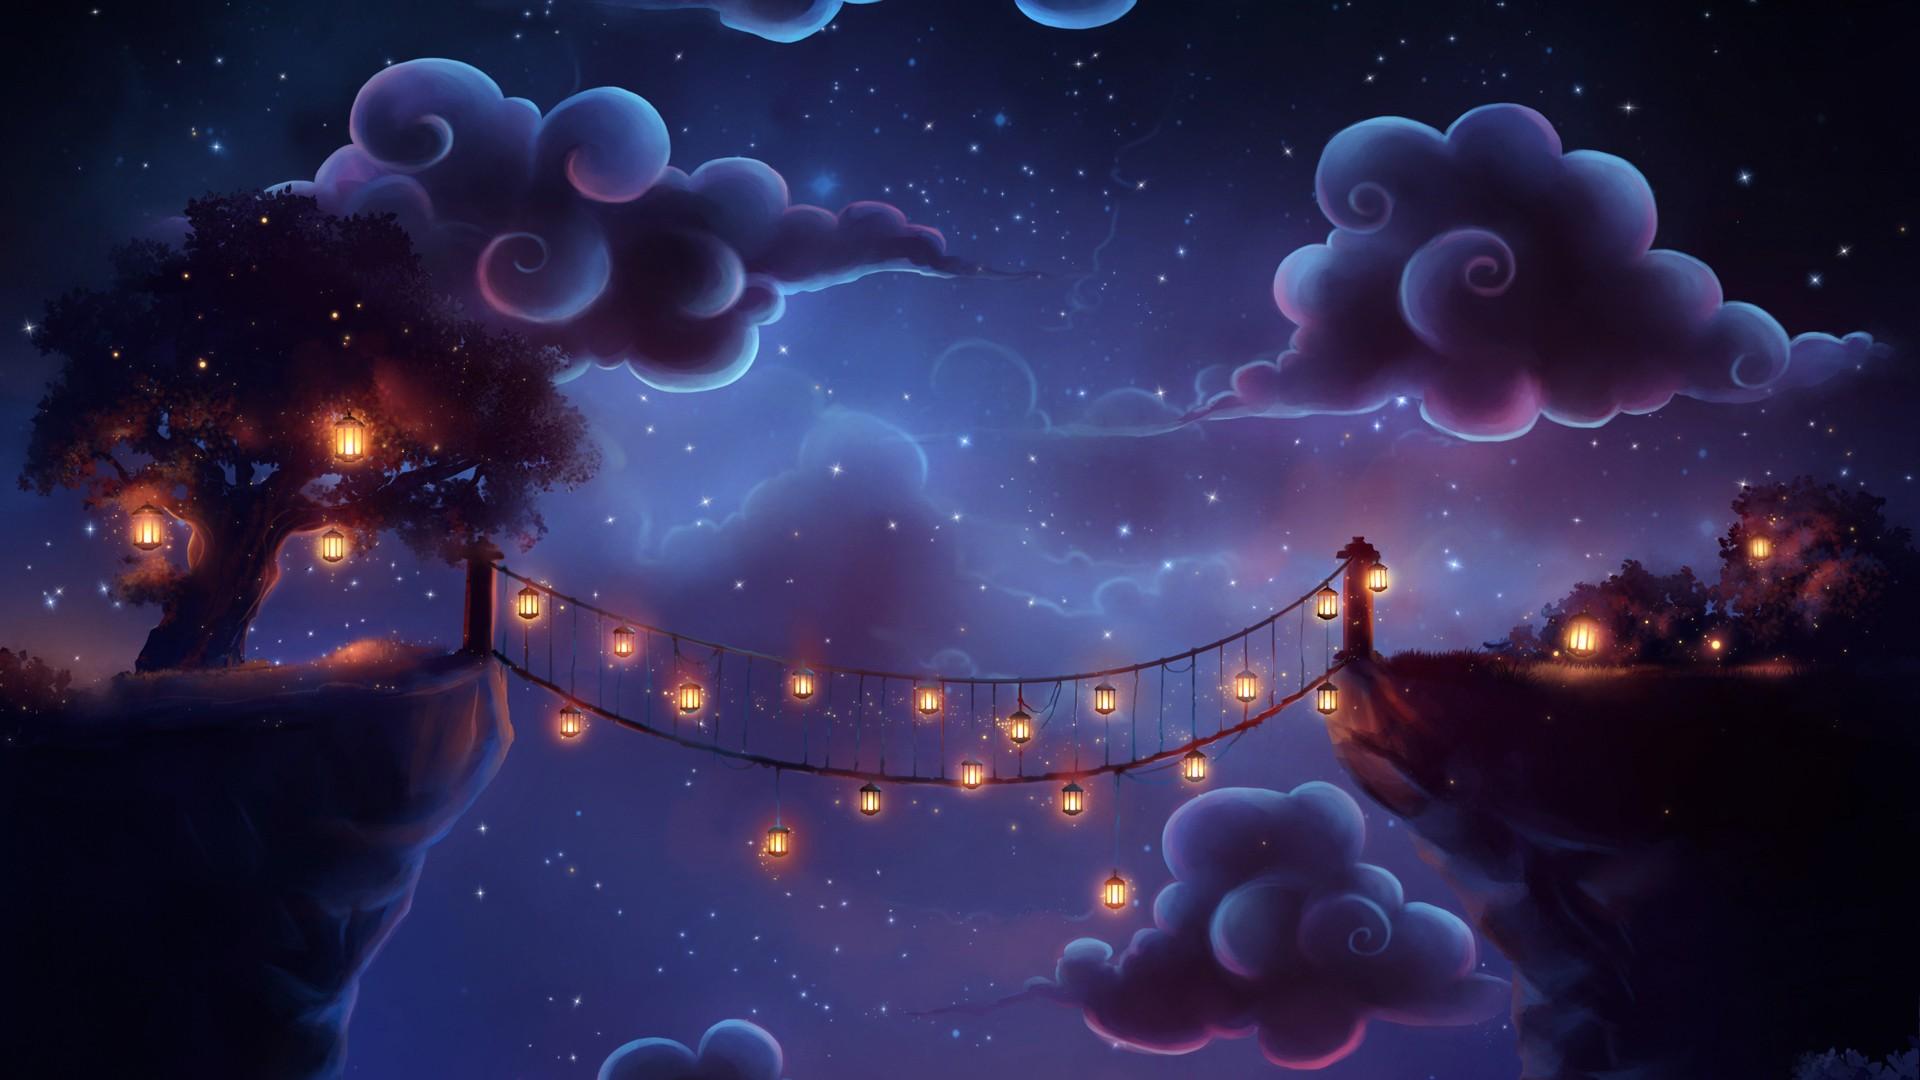 Принцесса под небесными фонариками  № 2222743  скачать